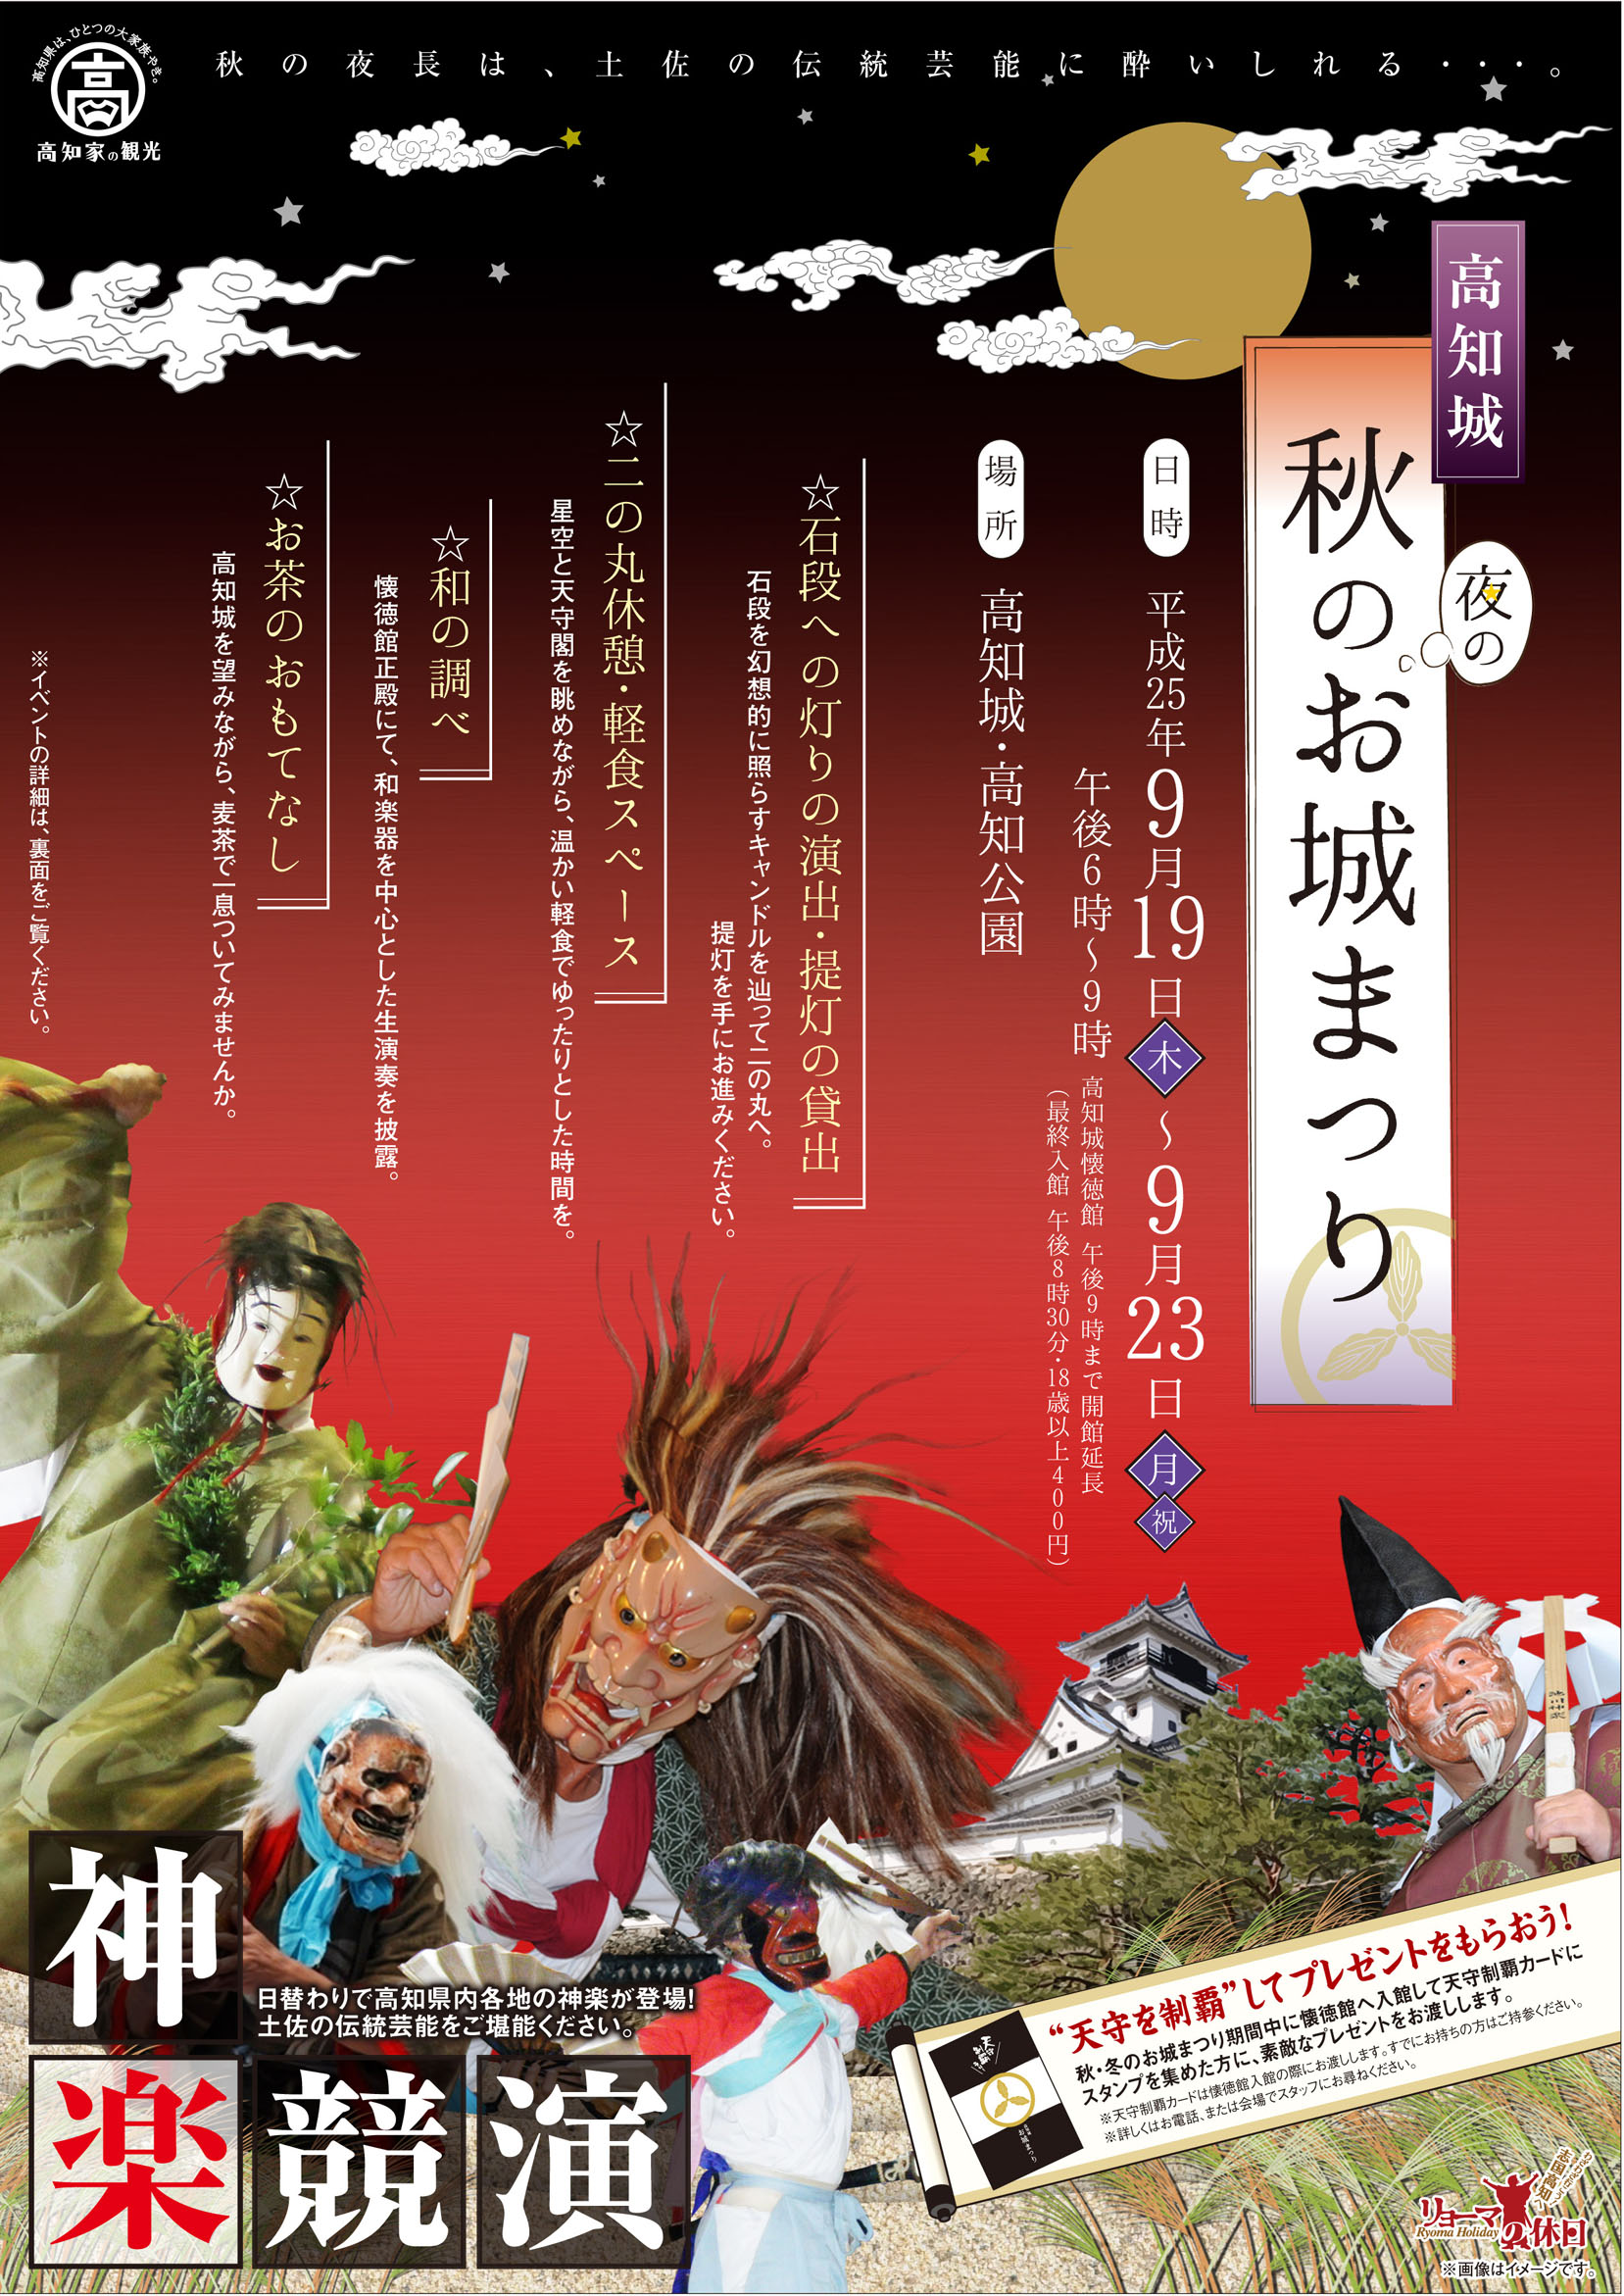 高知城秋のお城祭り